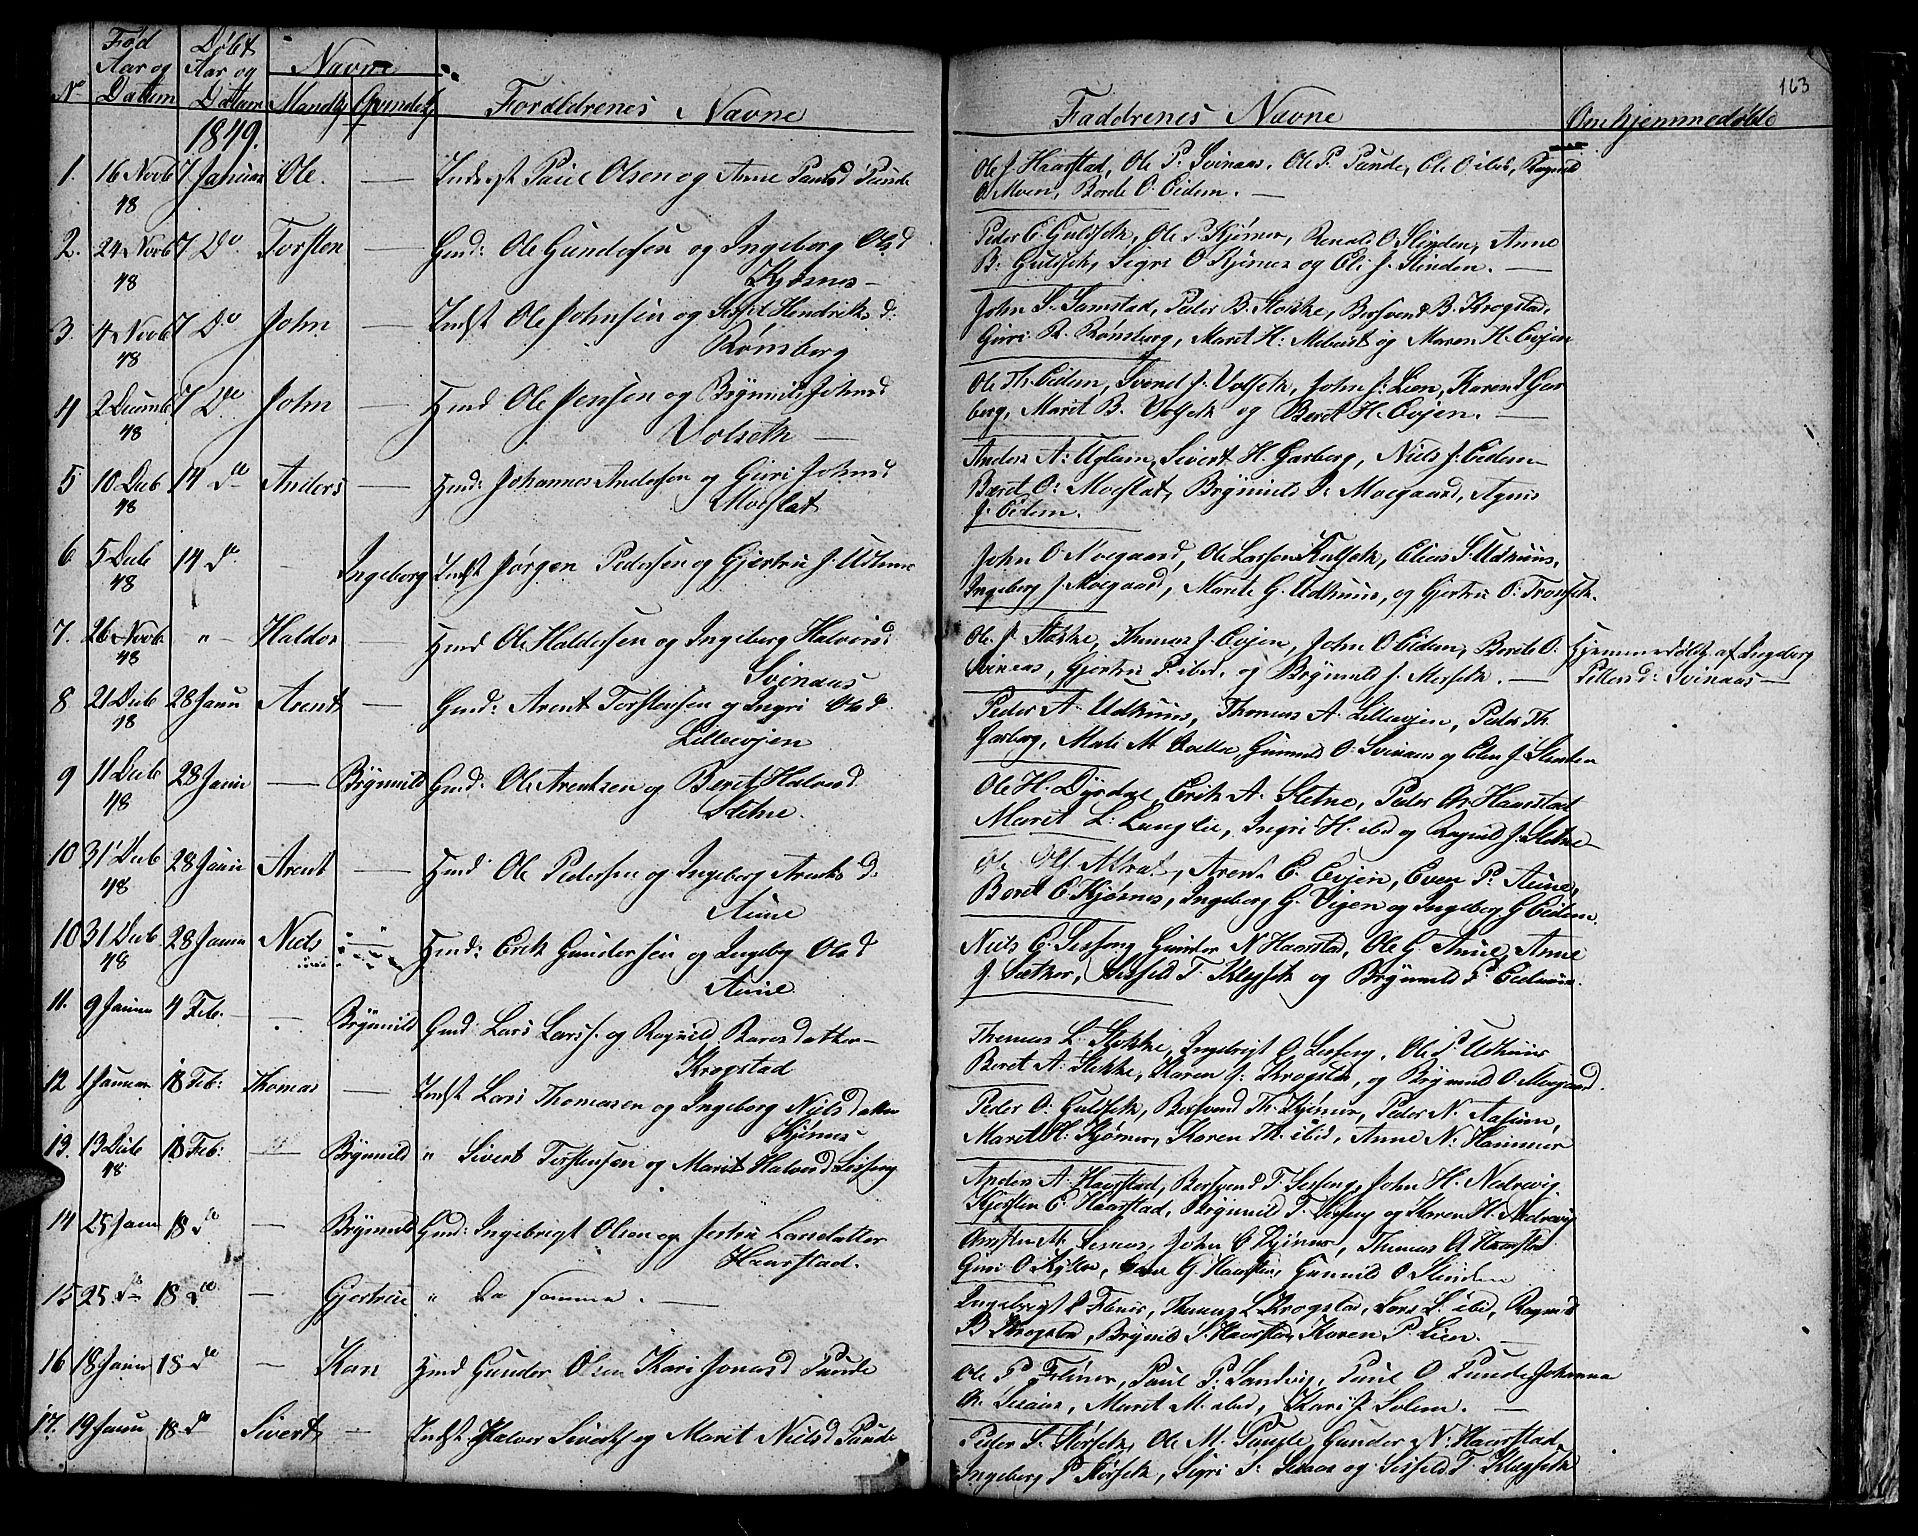 SAT, Ministerialprotokoller, klokkerbøker og fødselsregistre - Sør-Trøndelag, 695/L1154: Klokkerbok nr. 695C05, 1842-1858, s. 163